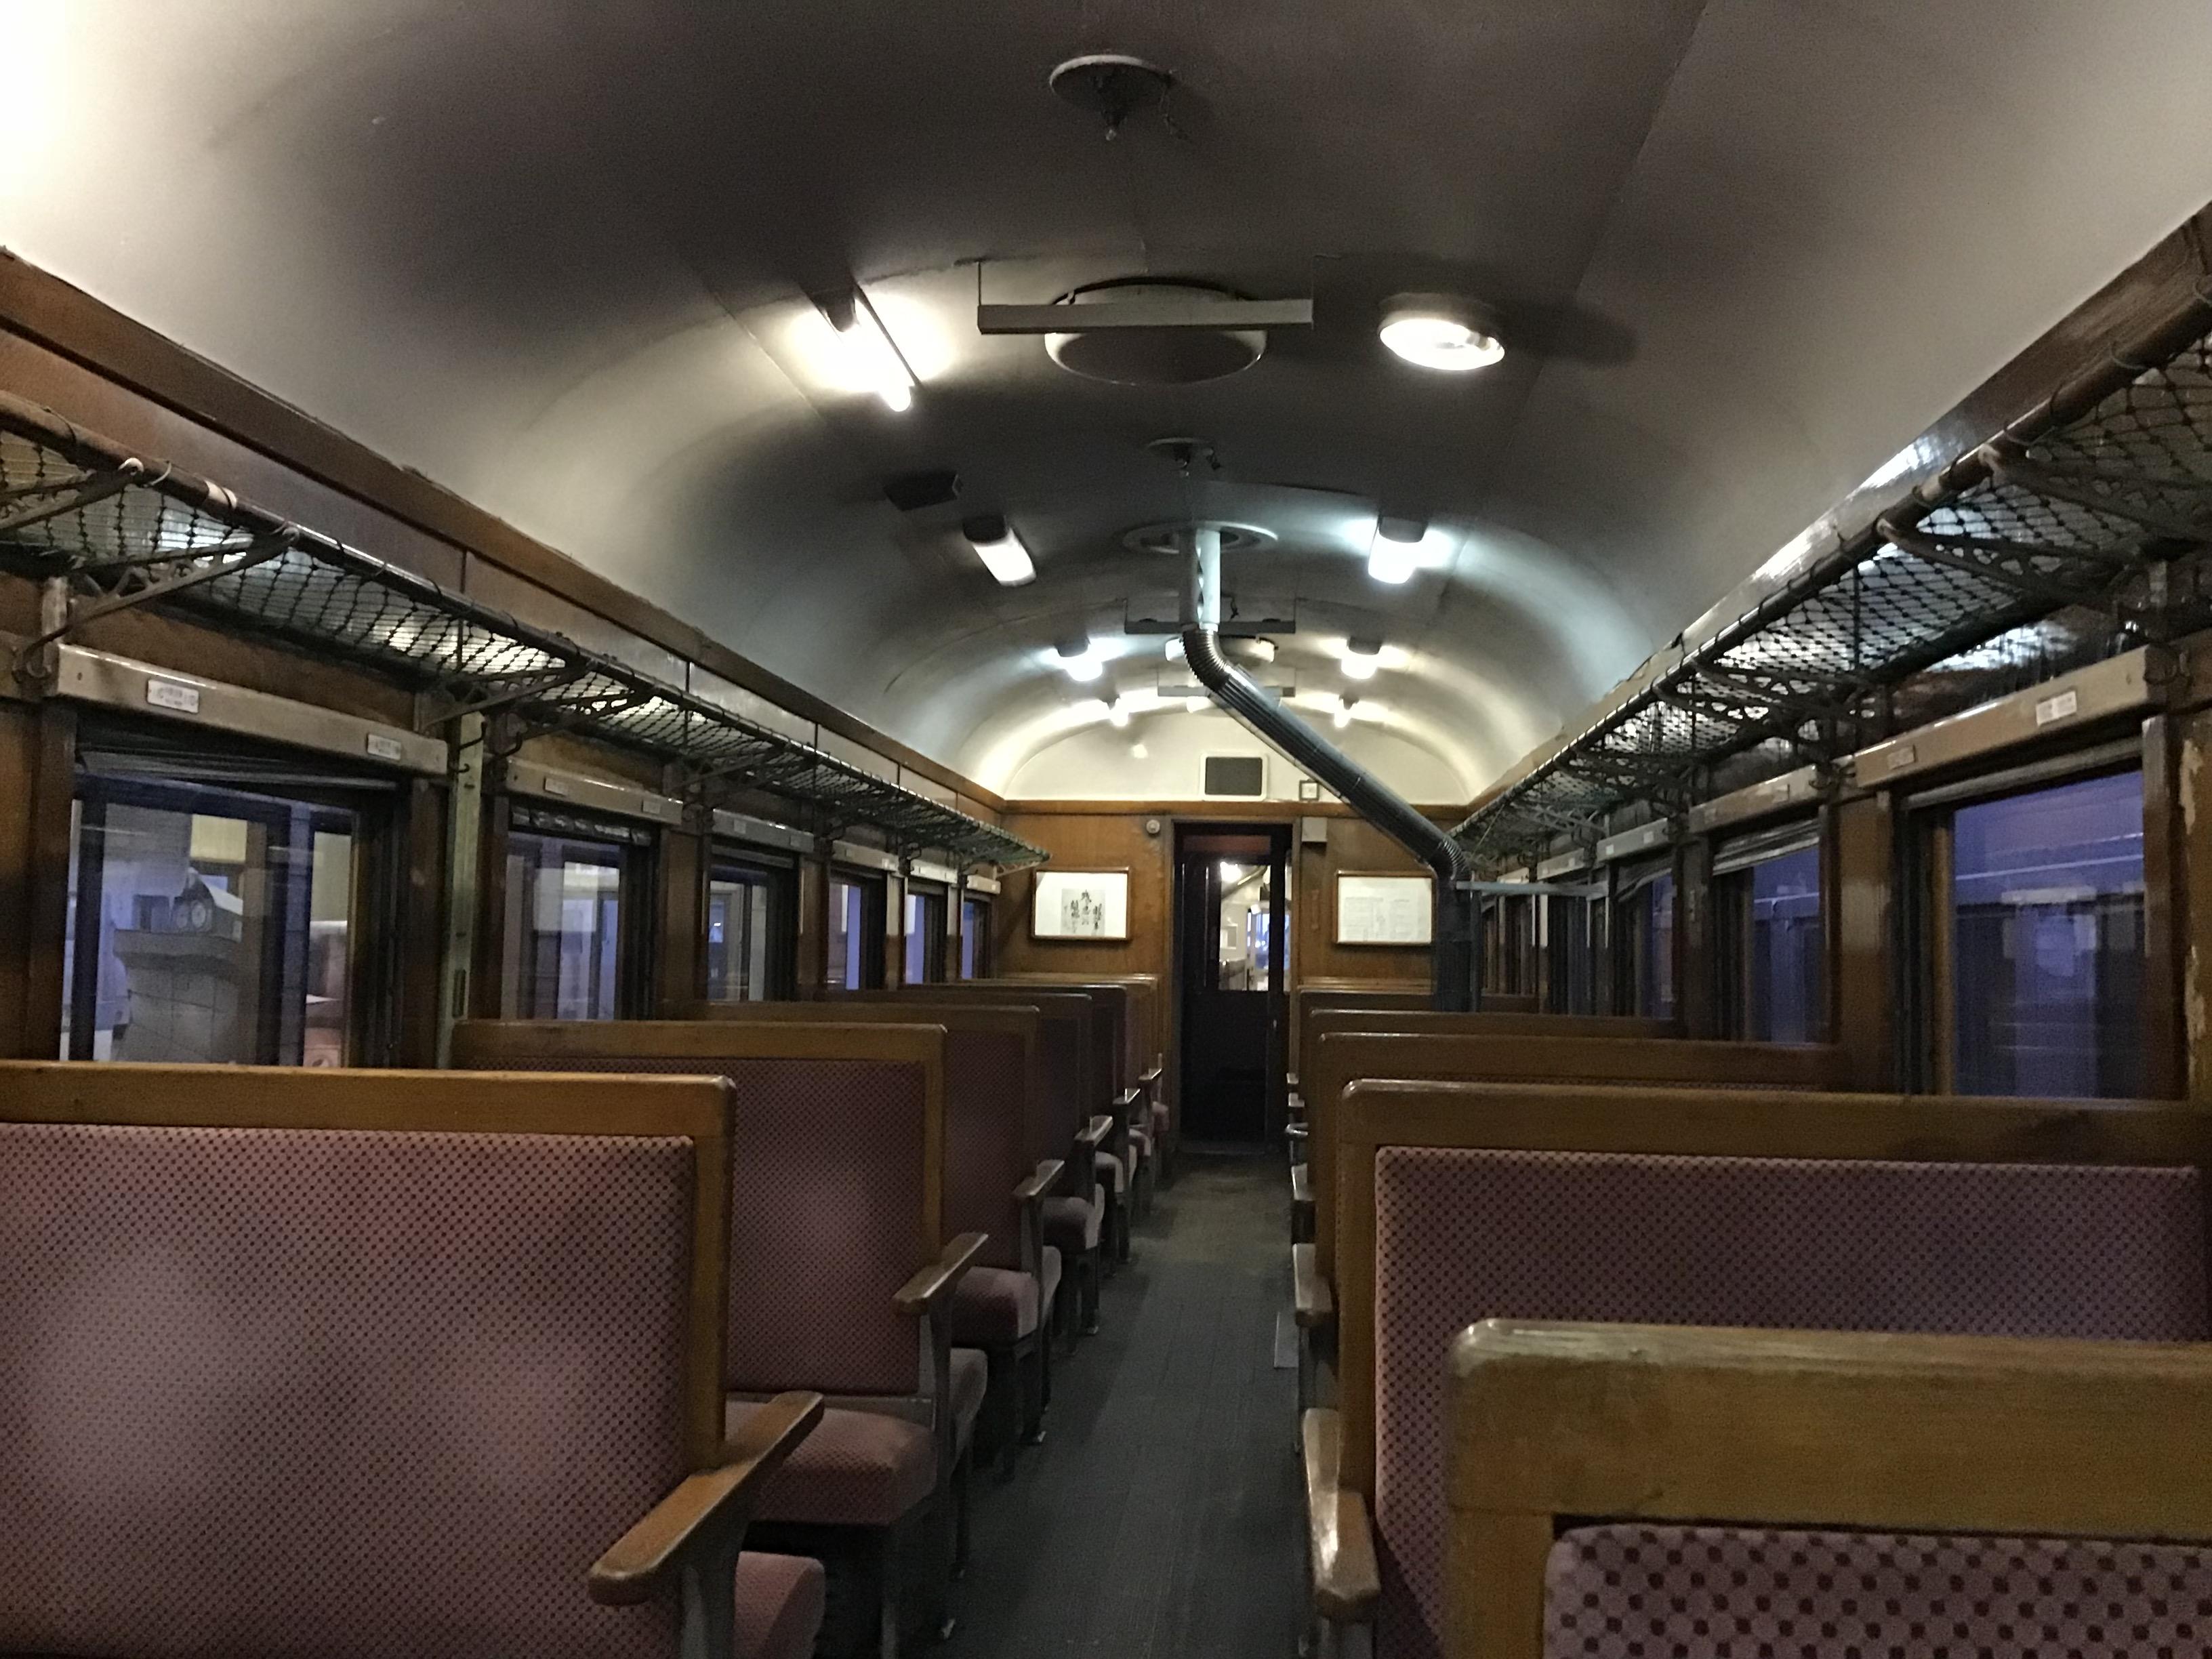 8月4日 津軽鉄道夜行列車 空席出ました。